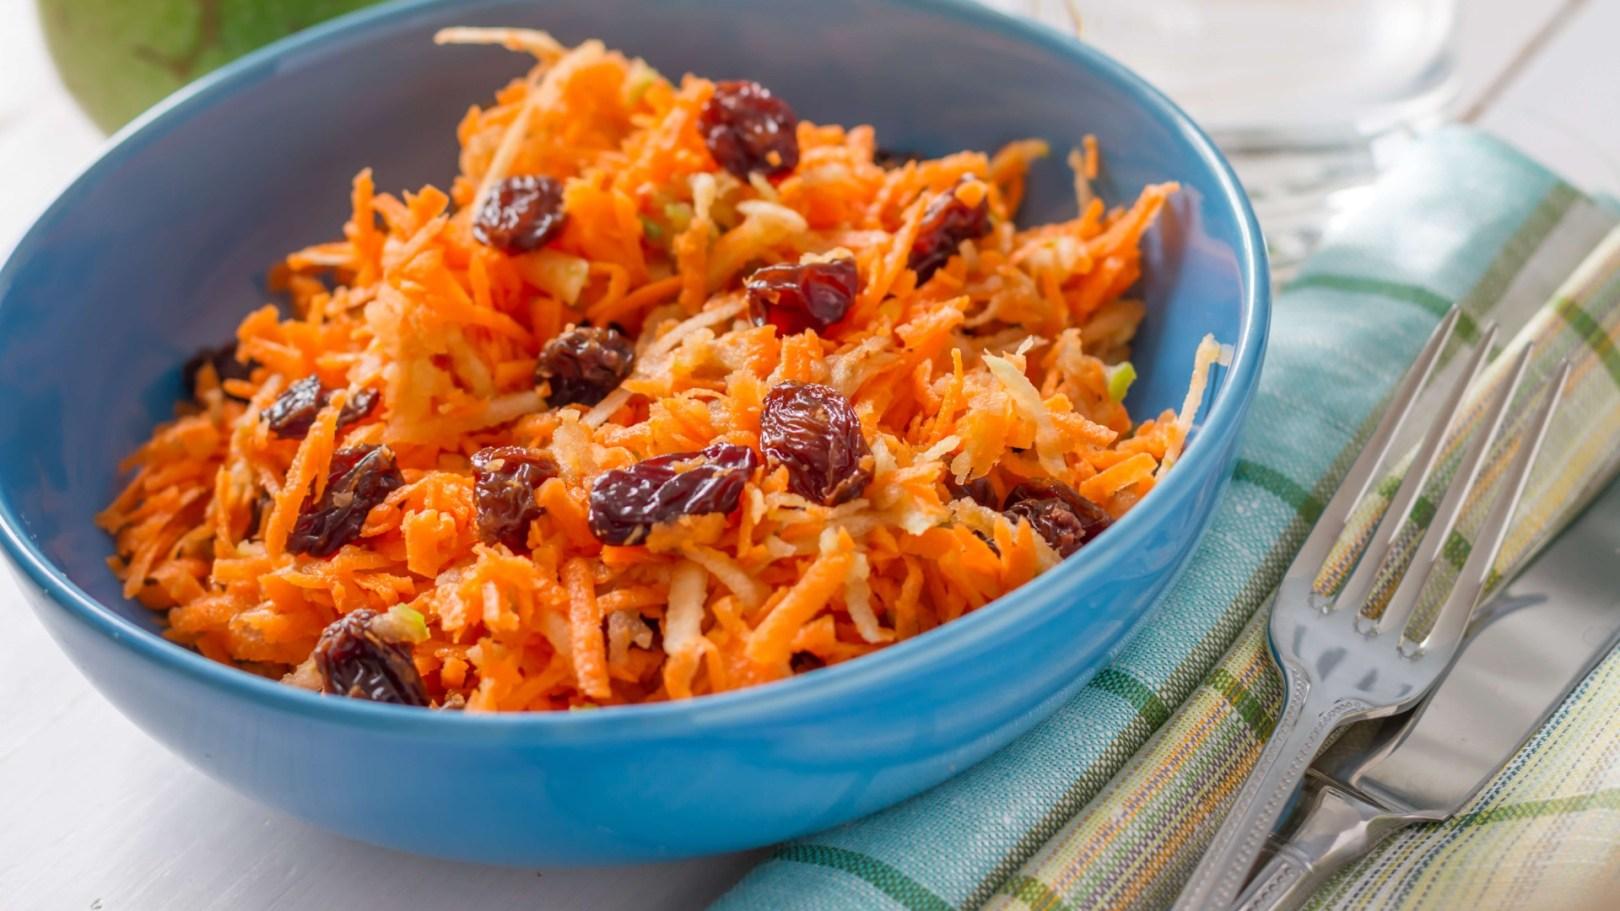 Salade de carottes, raisin, pomme et citron